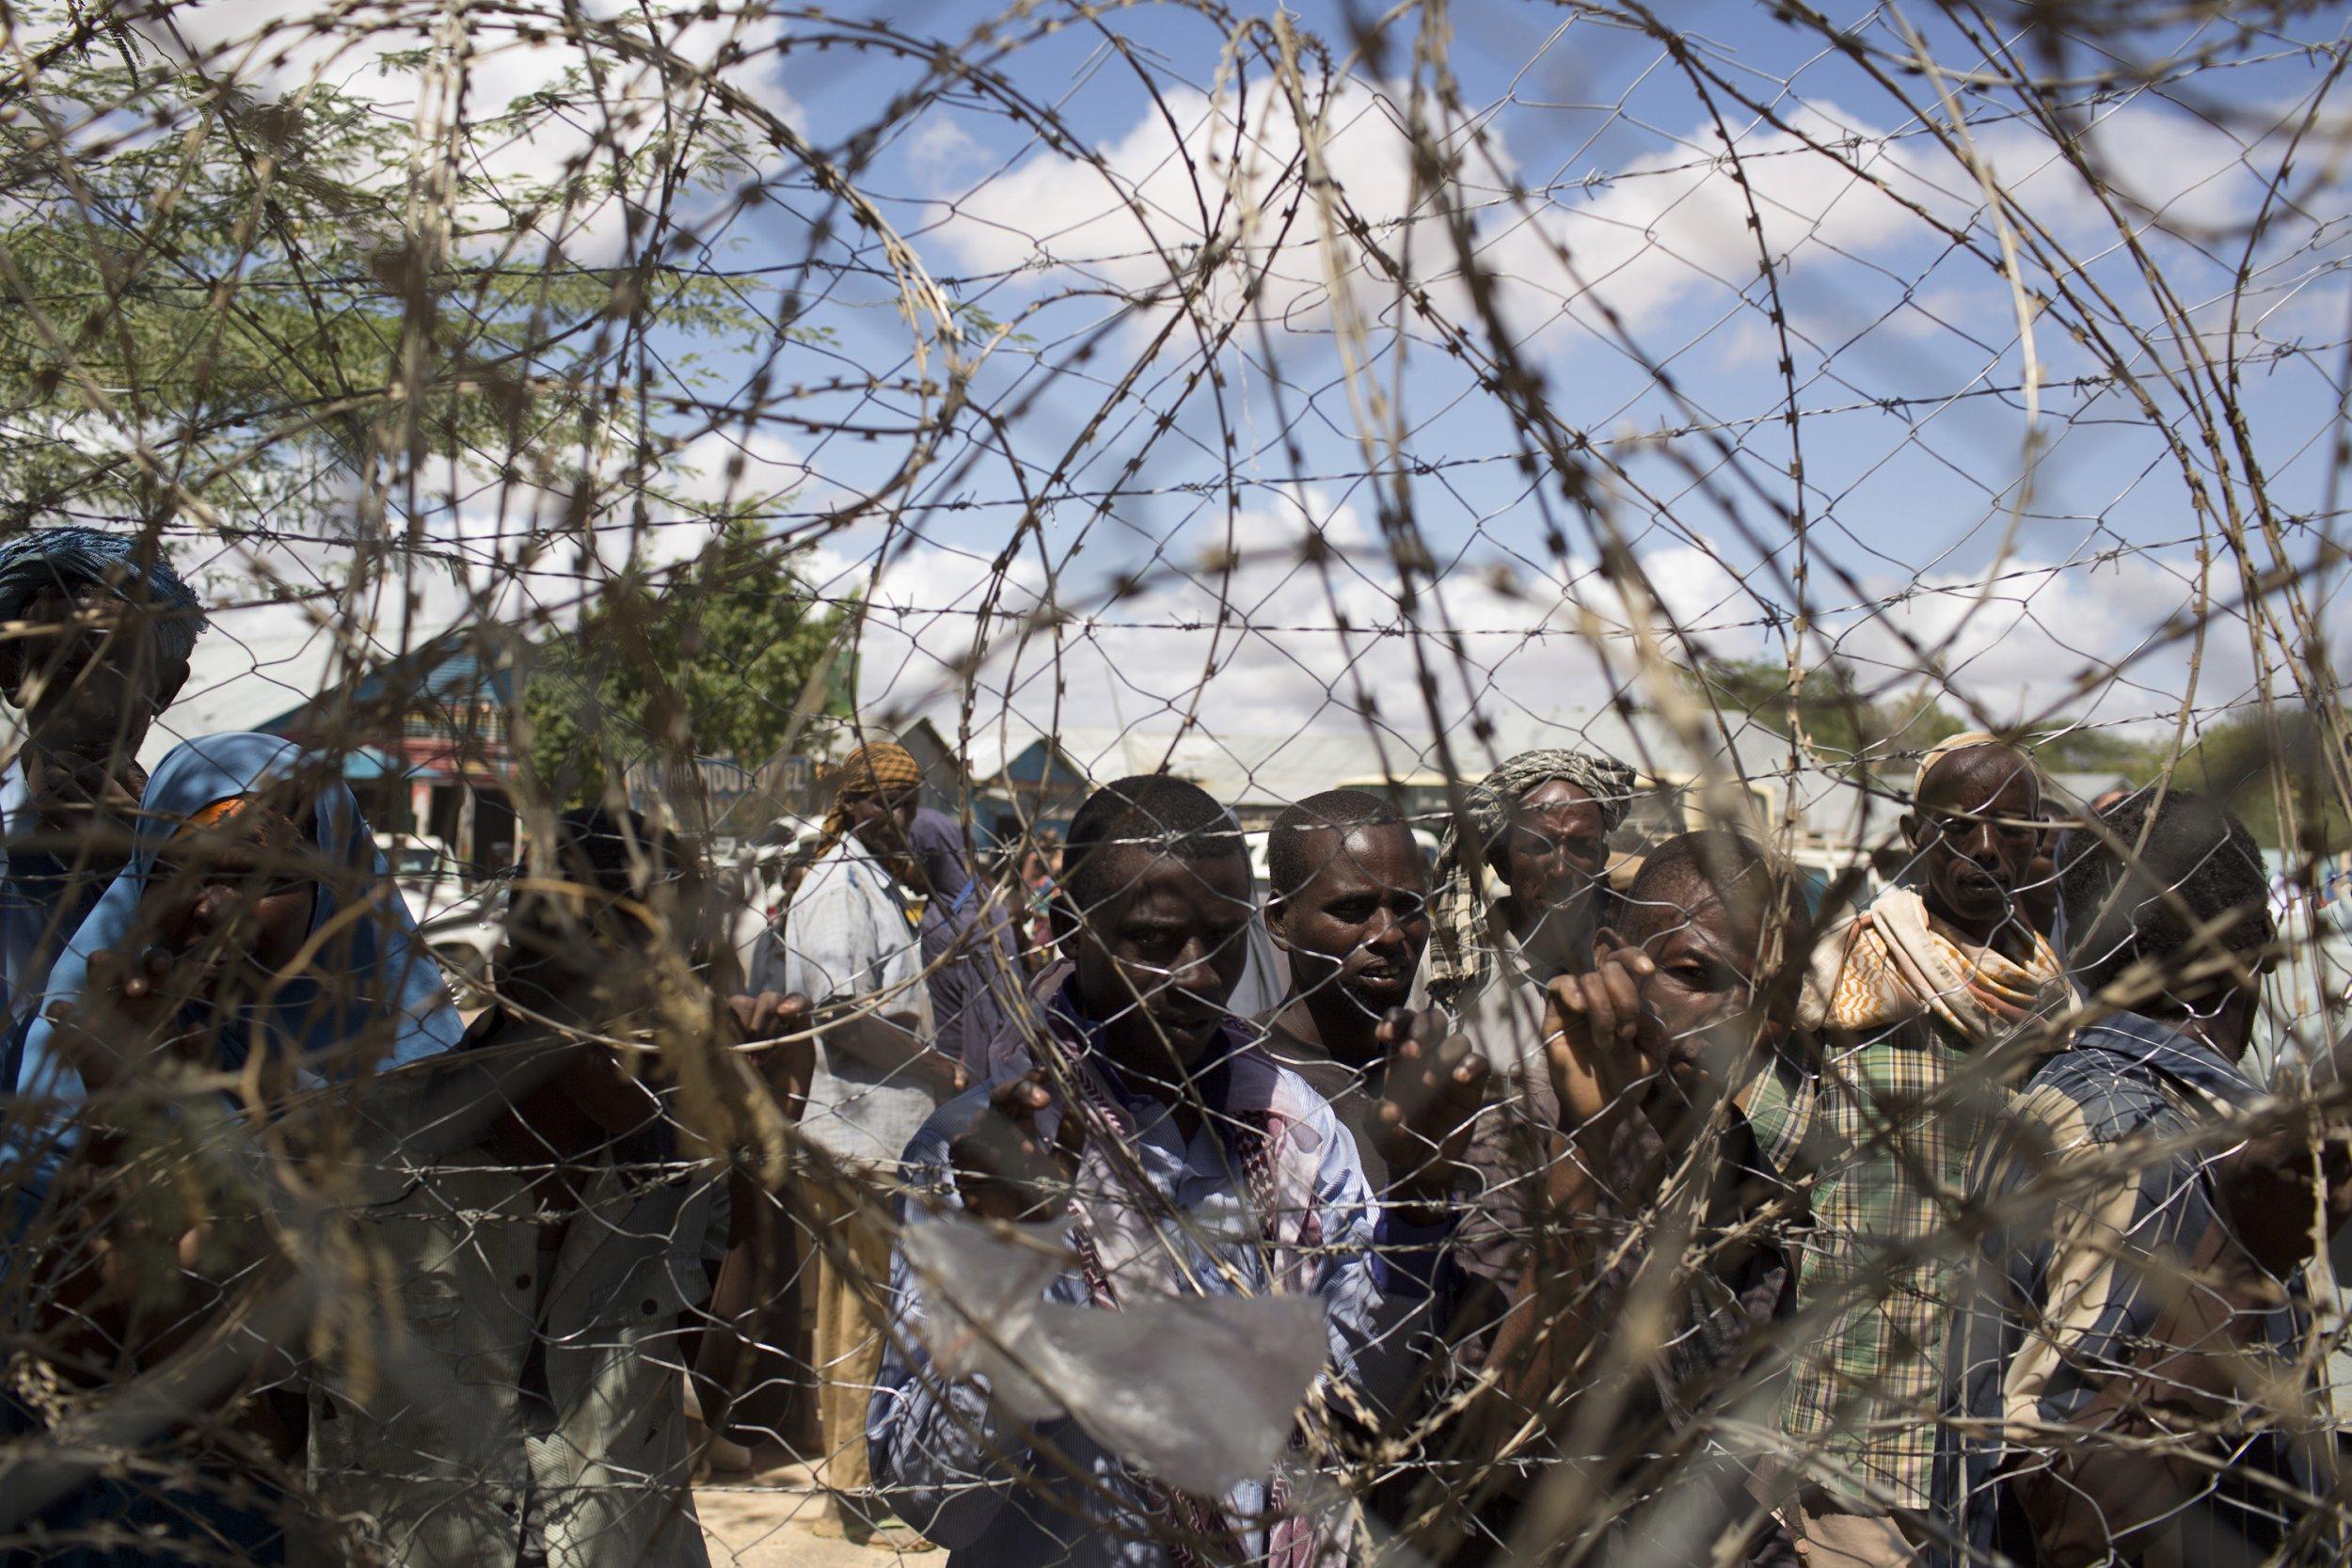 Somali refugees in Dadaab